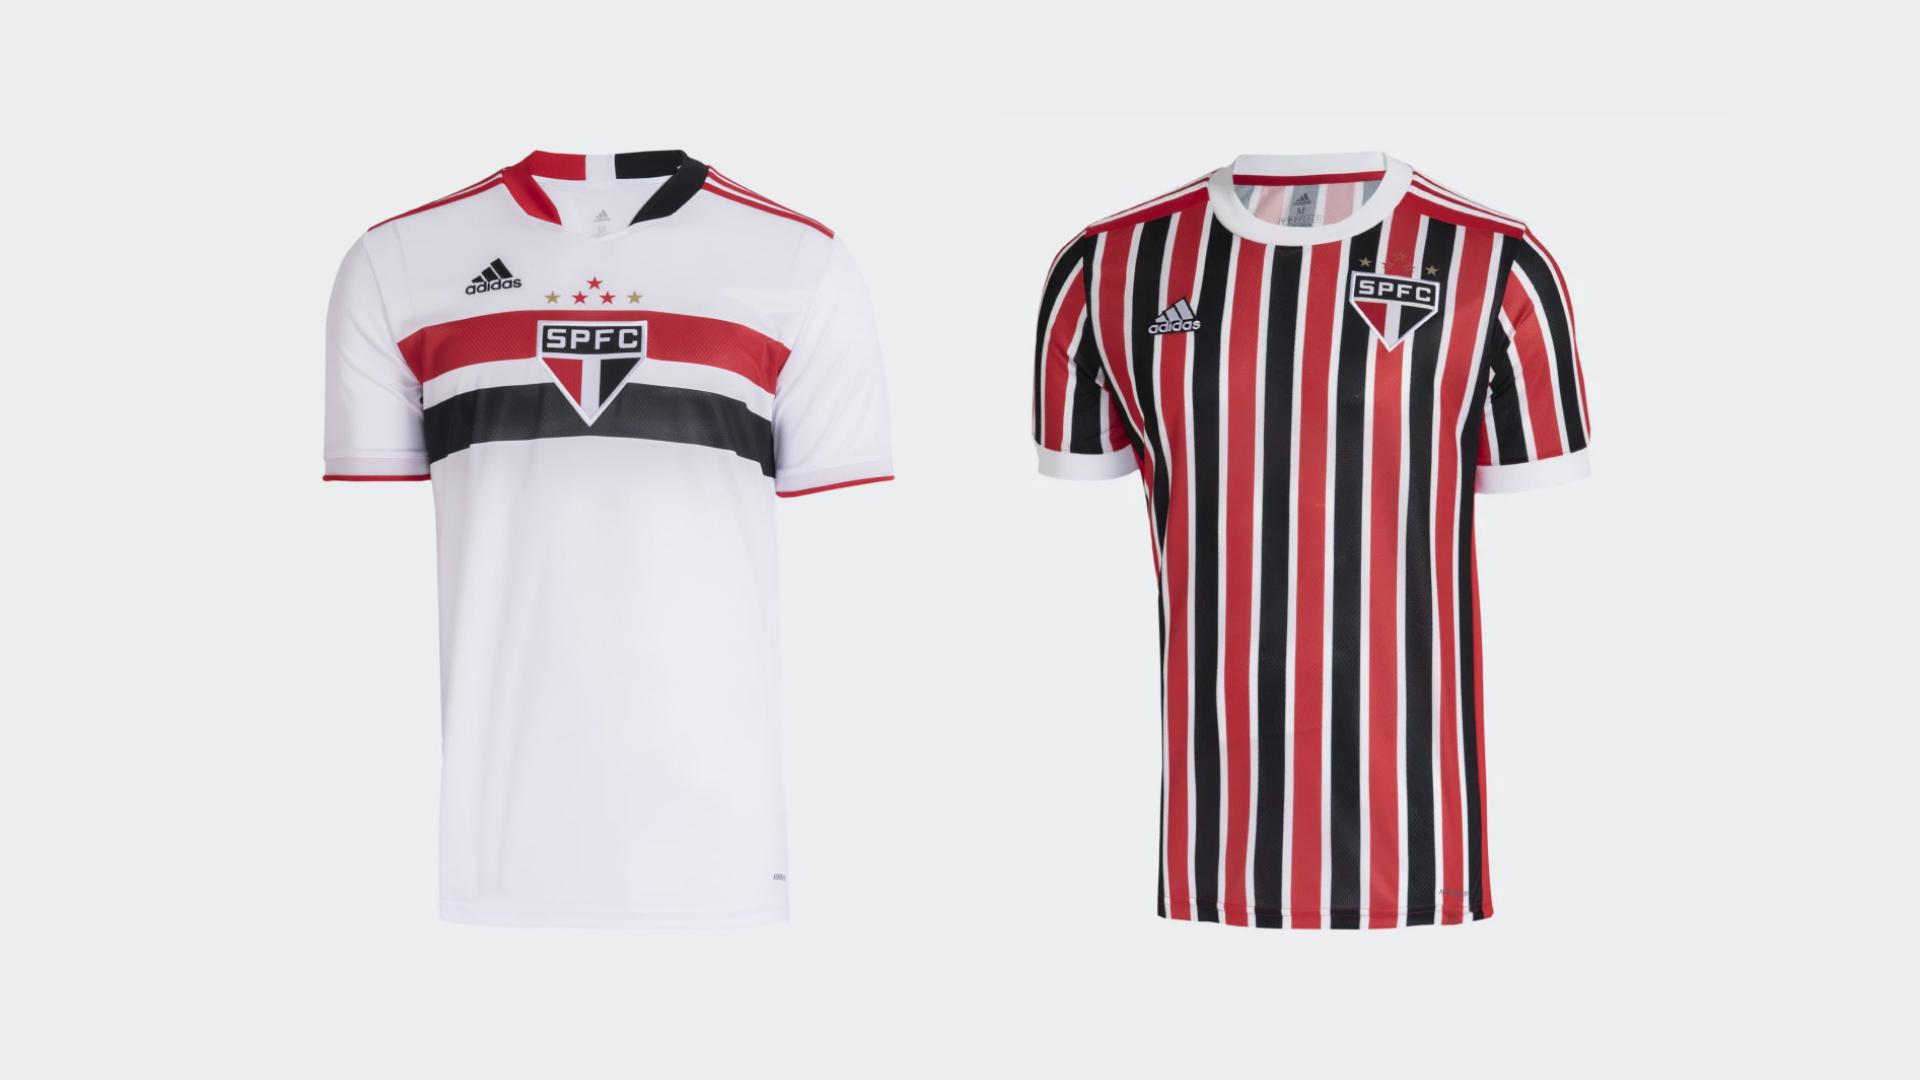 Camisa do São Paulo 2021 (Imagem: Divulgação/Adidas)